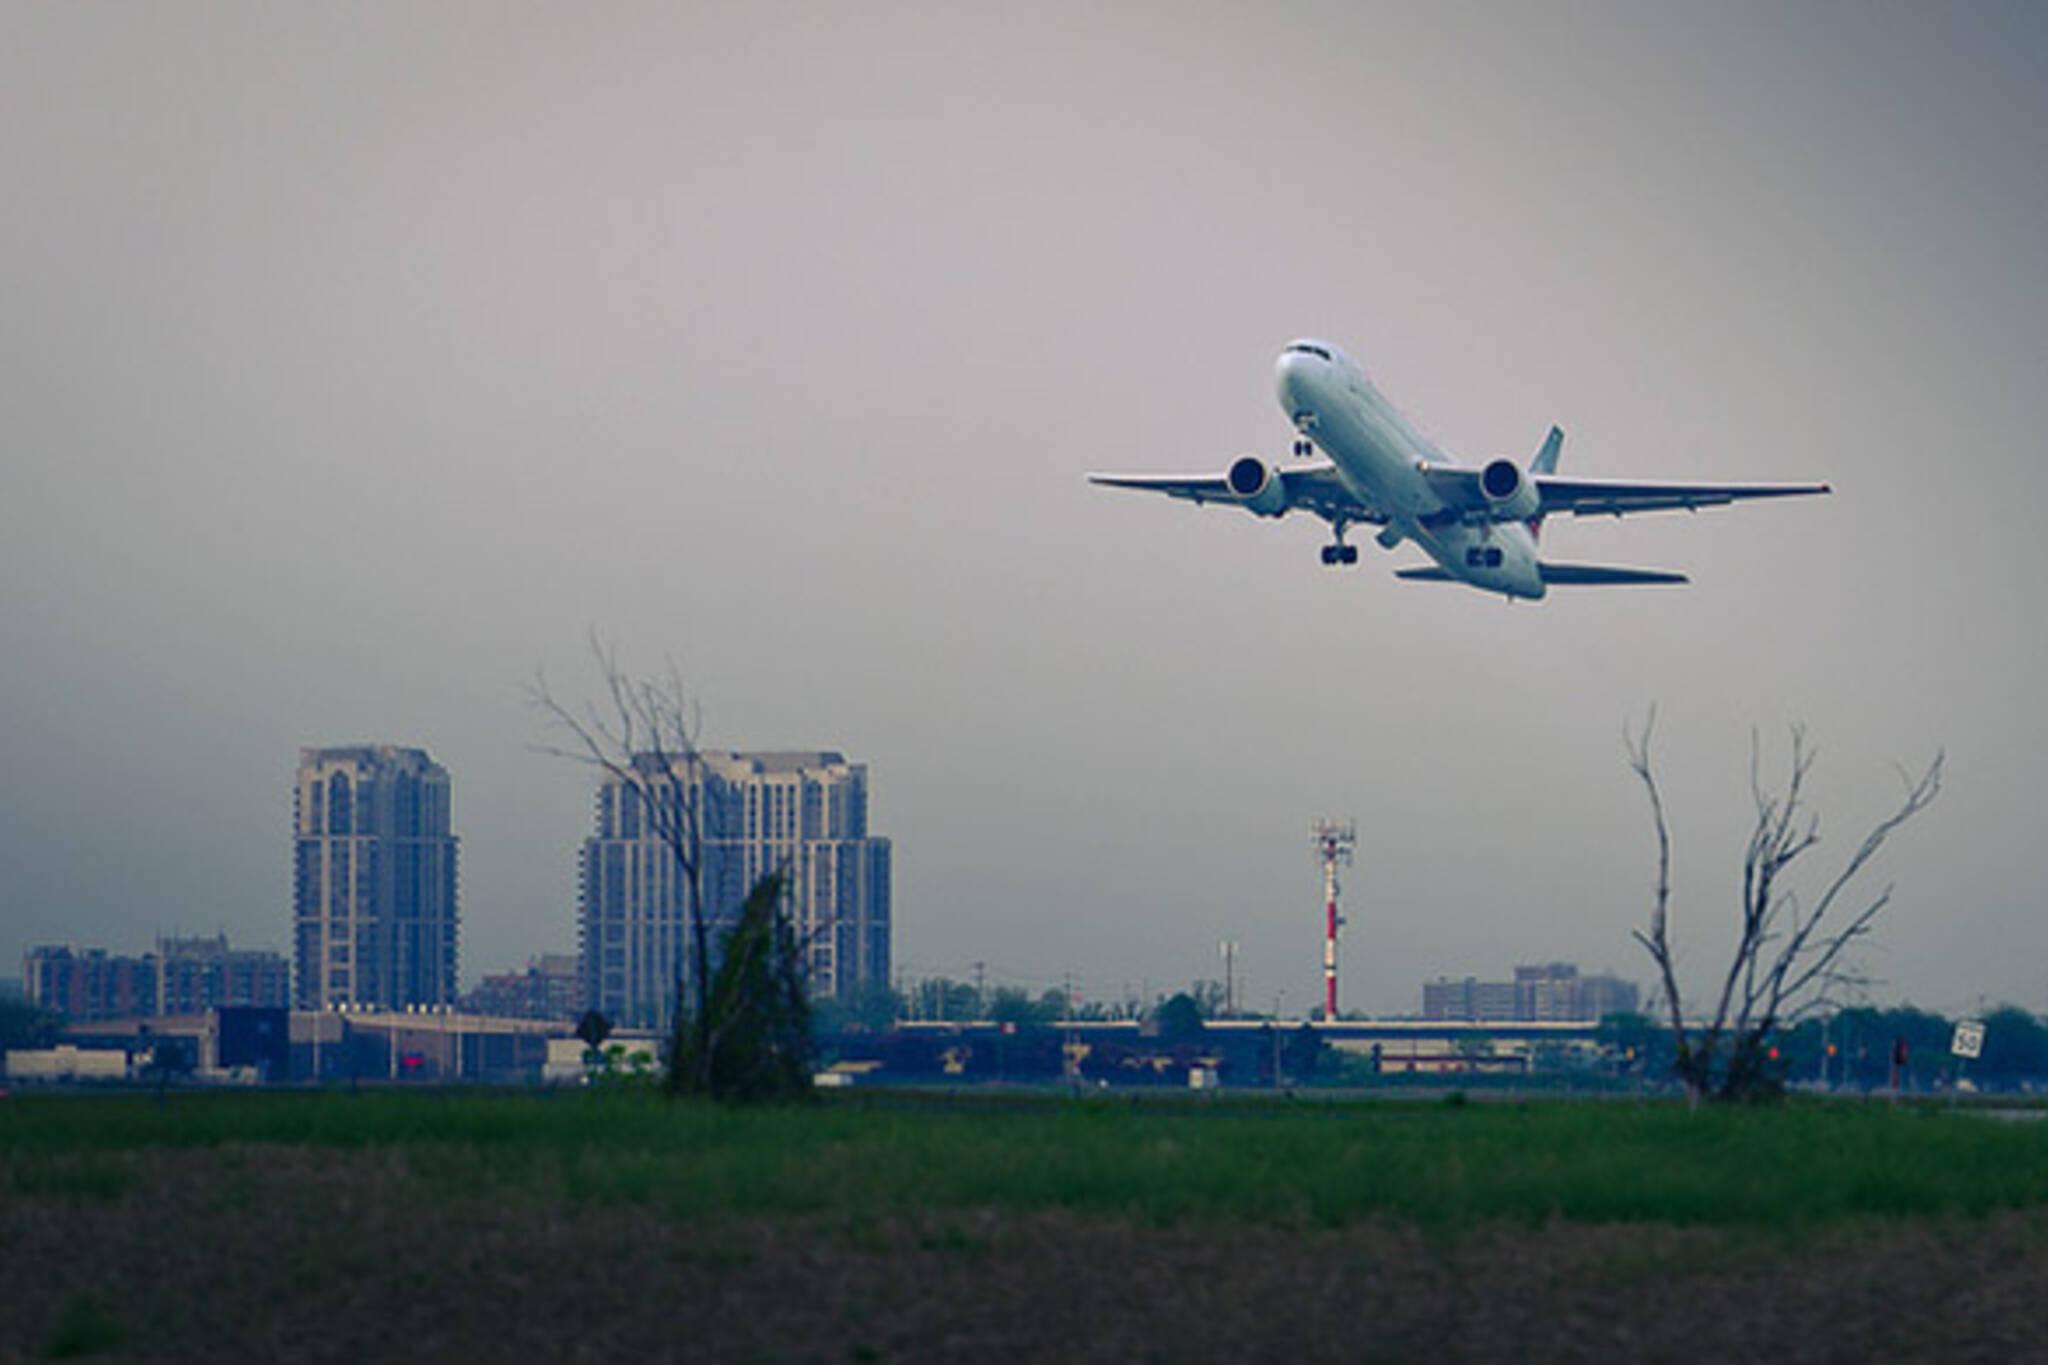 flight departure